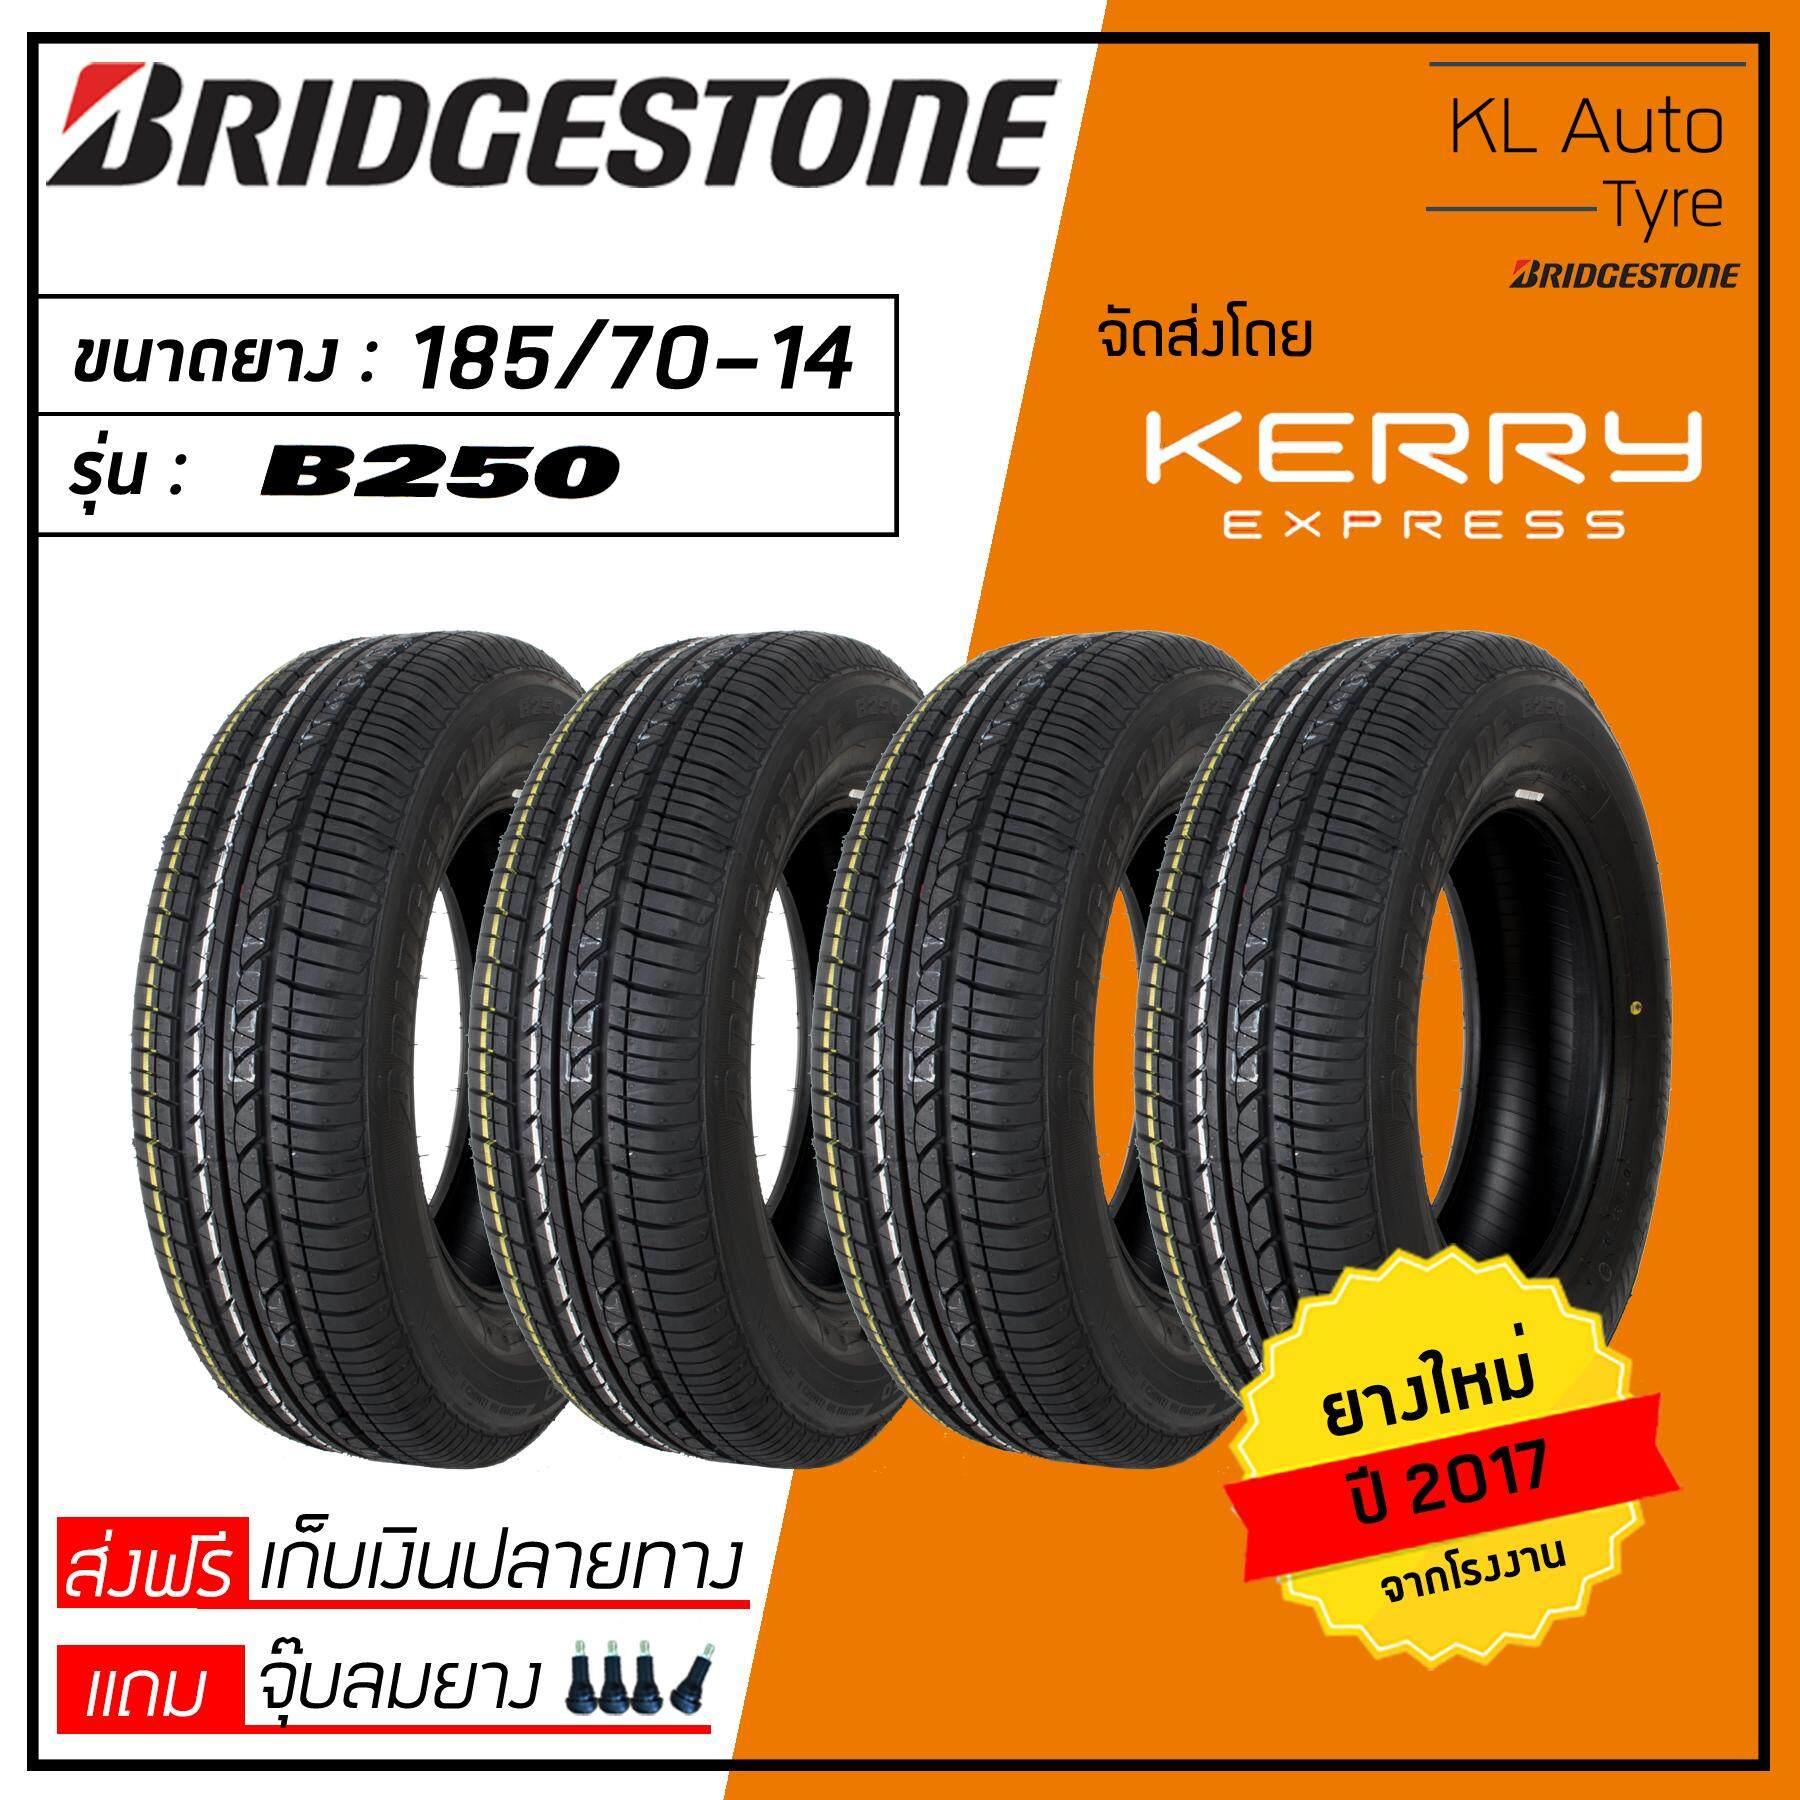 โปรโมชั่นพิเศษ  นครสวรรค์ Bridgestone 185/70-14 B250 4 เส้น ปี 17 (ฟรี จุ๊บยาง 4 ตัว มูลค่า 200 บาท)